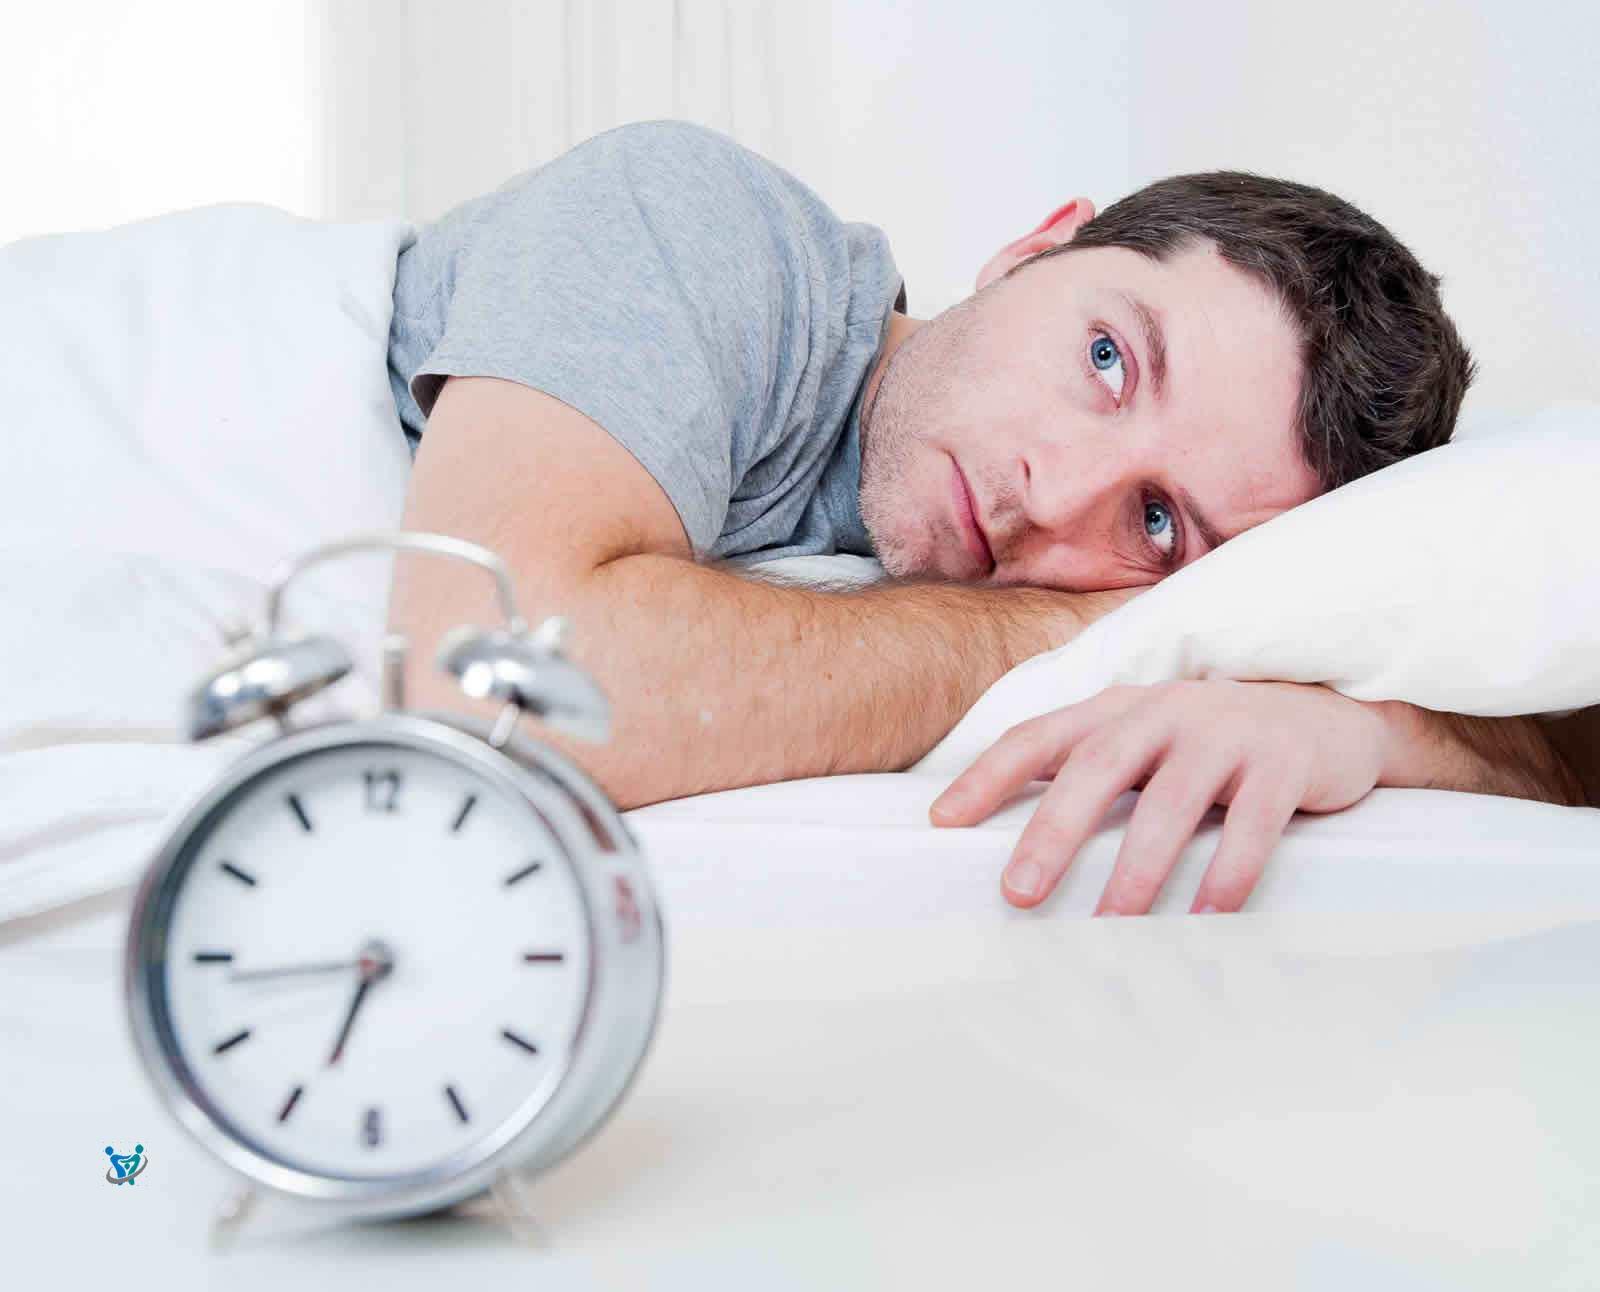 تحذير من النوم لمدة طويلة.. أمراض خطيرة تؤدي للموت